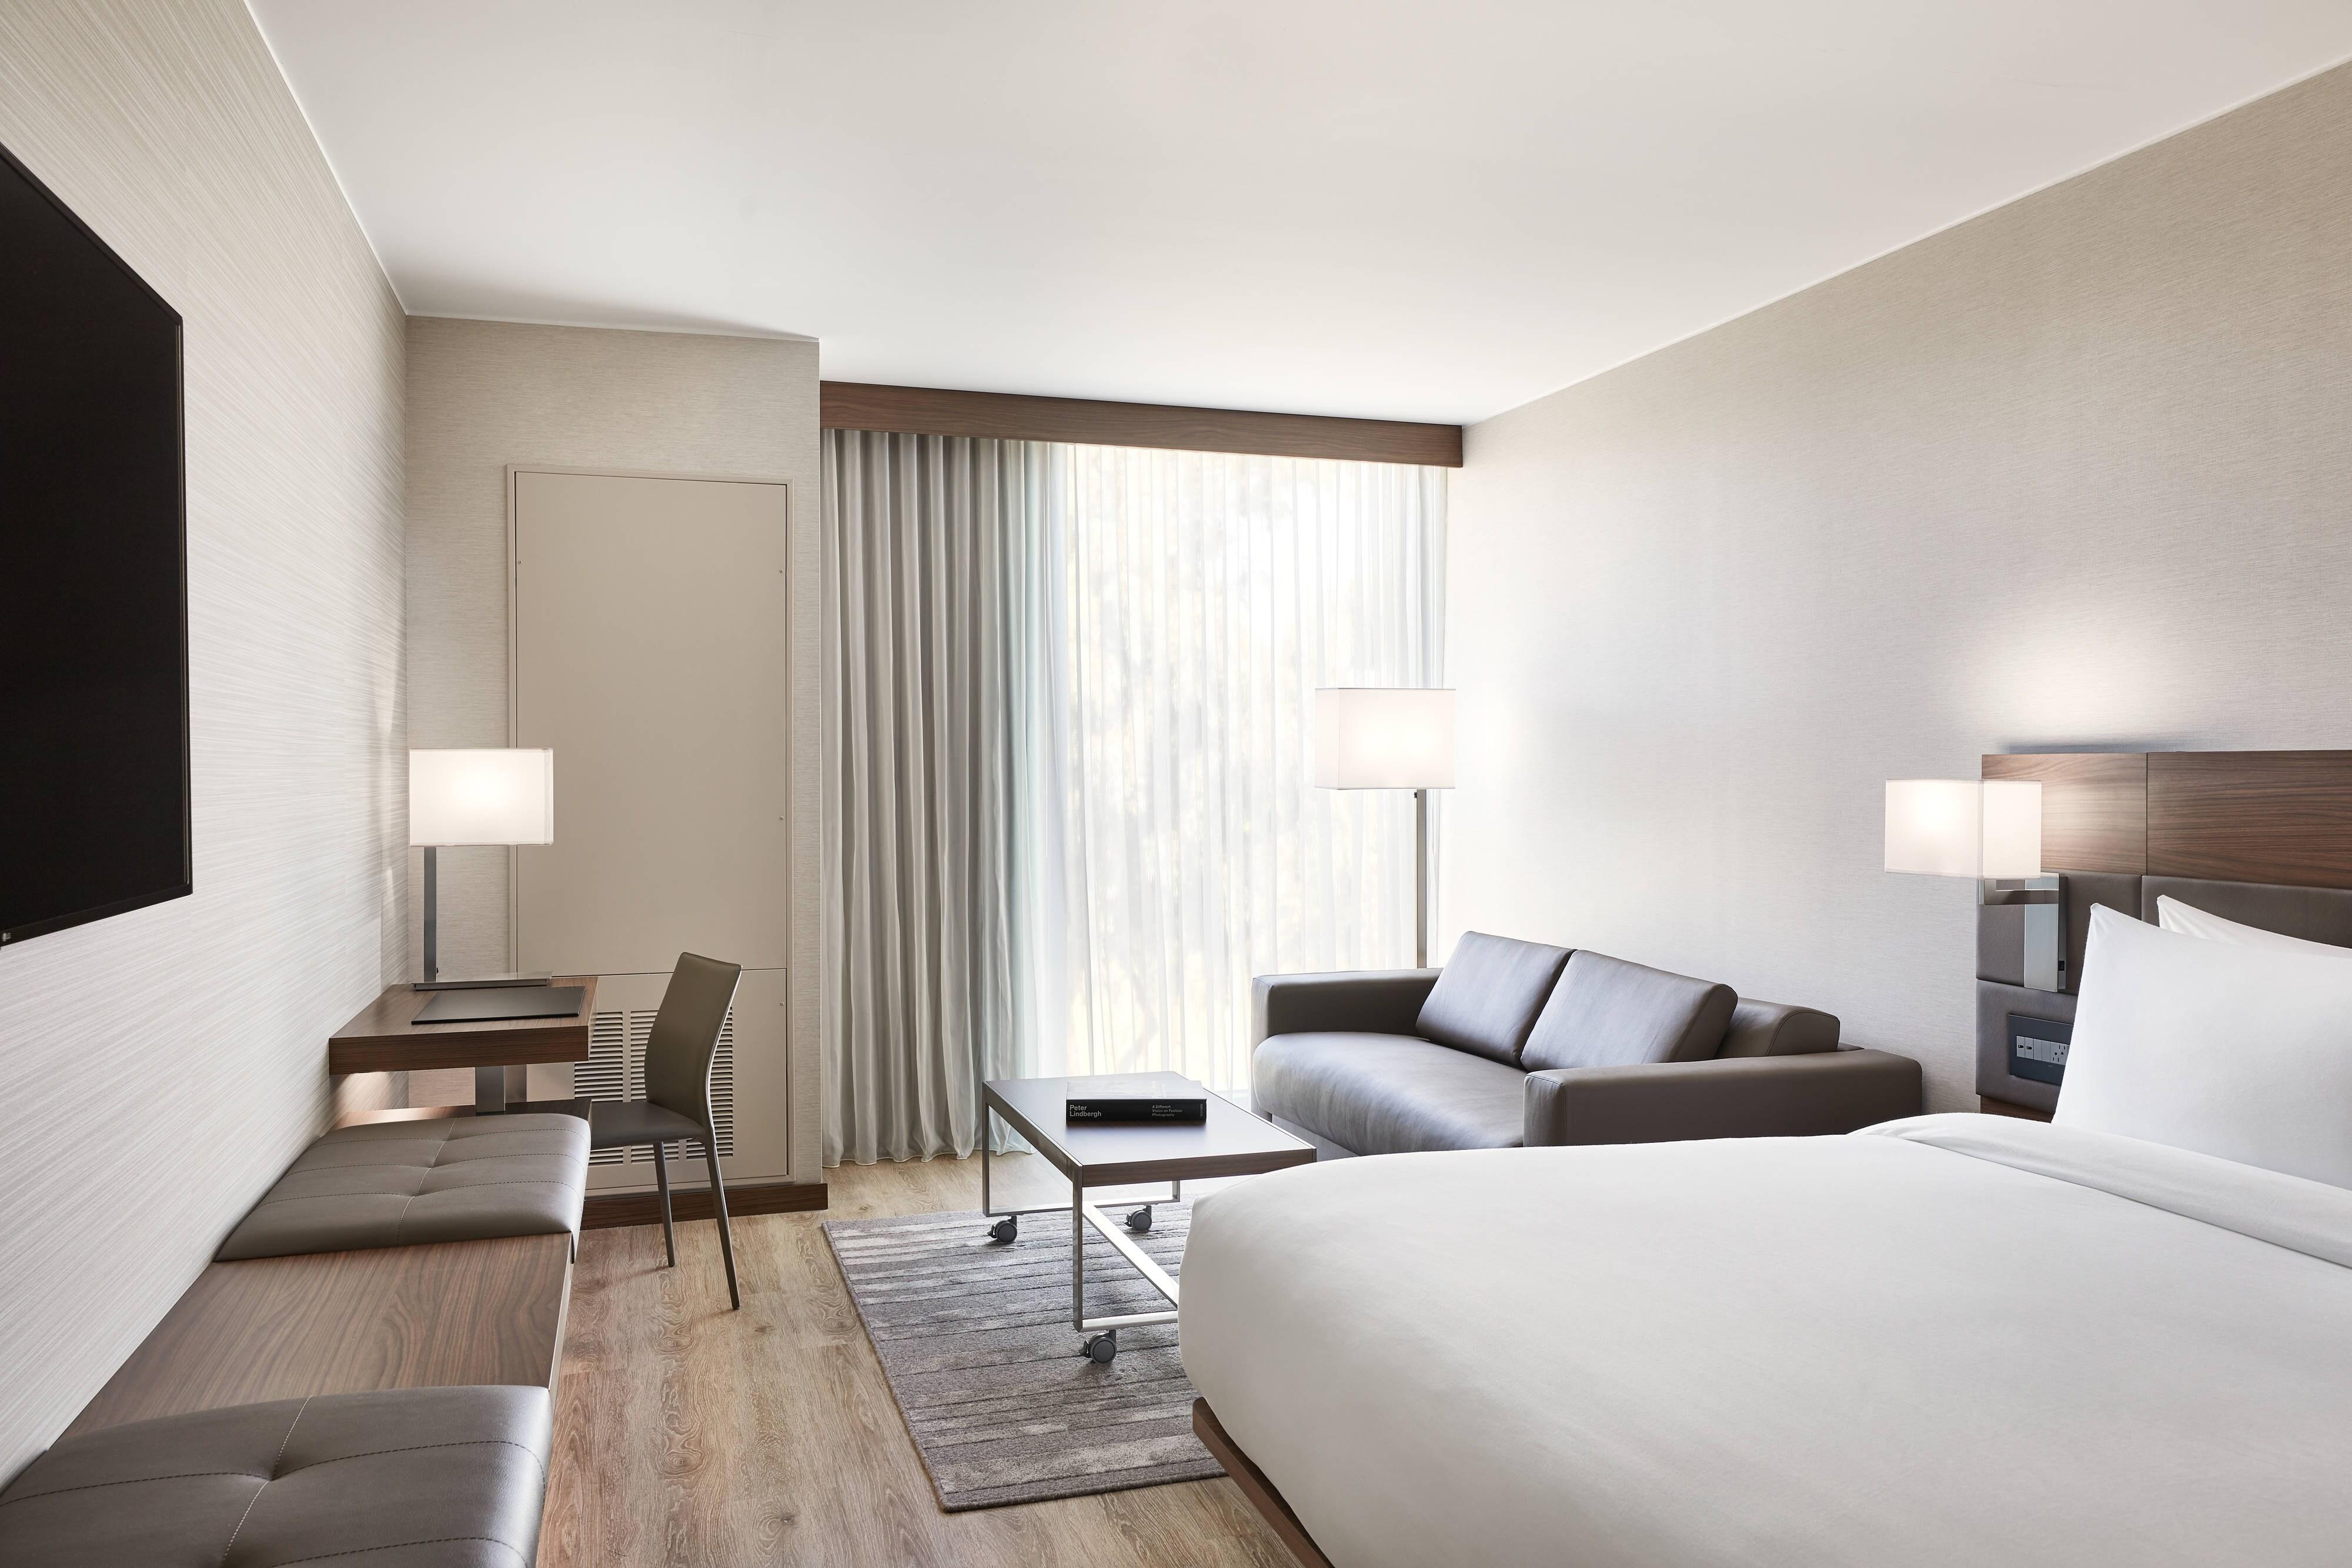 AC Hotel Phoenix Biltmore - AC Hotels